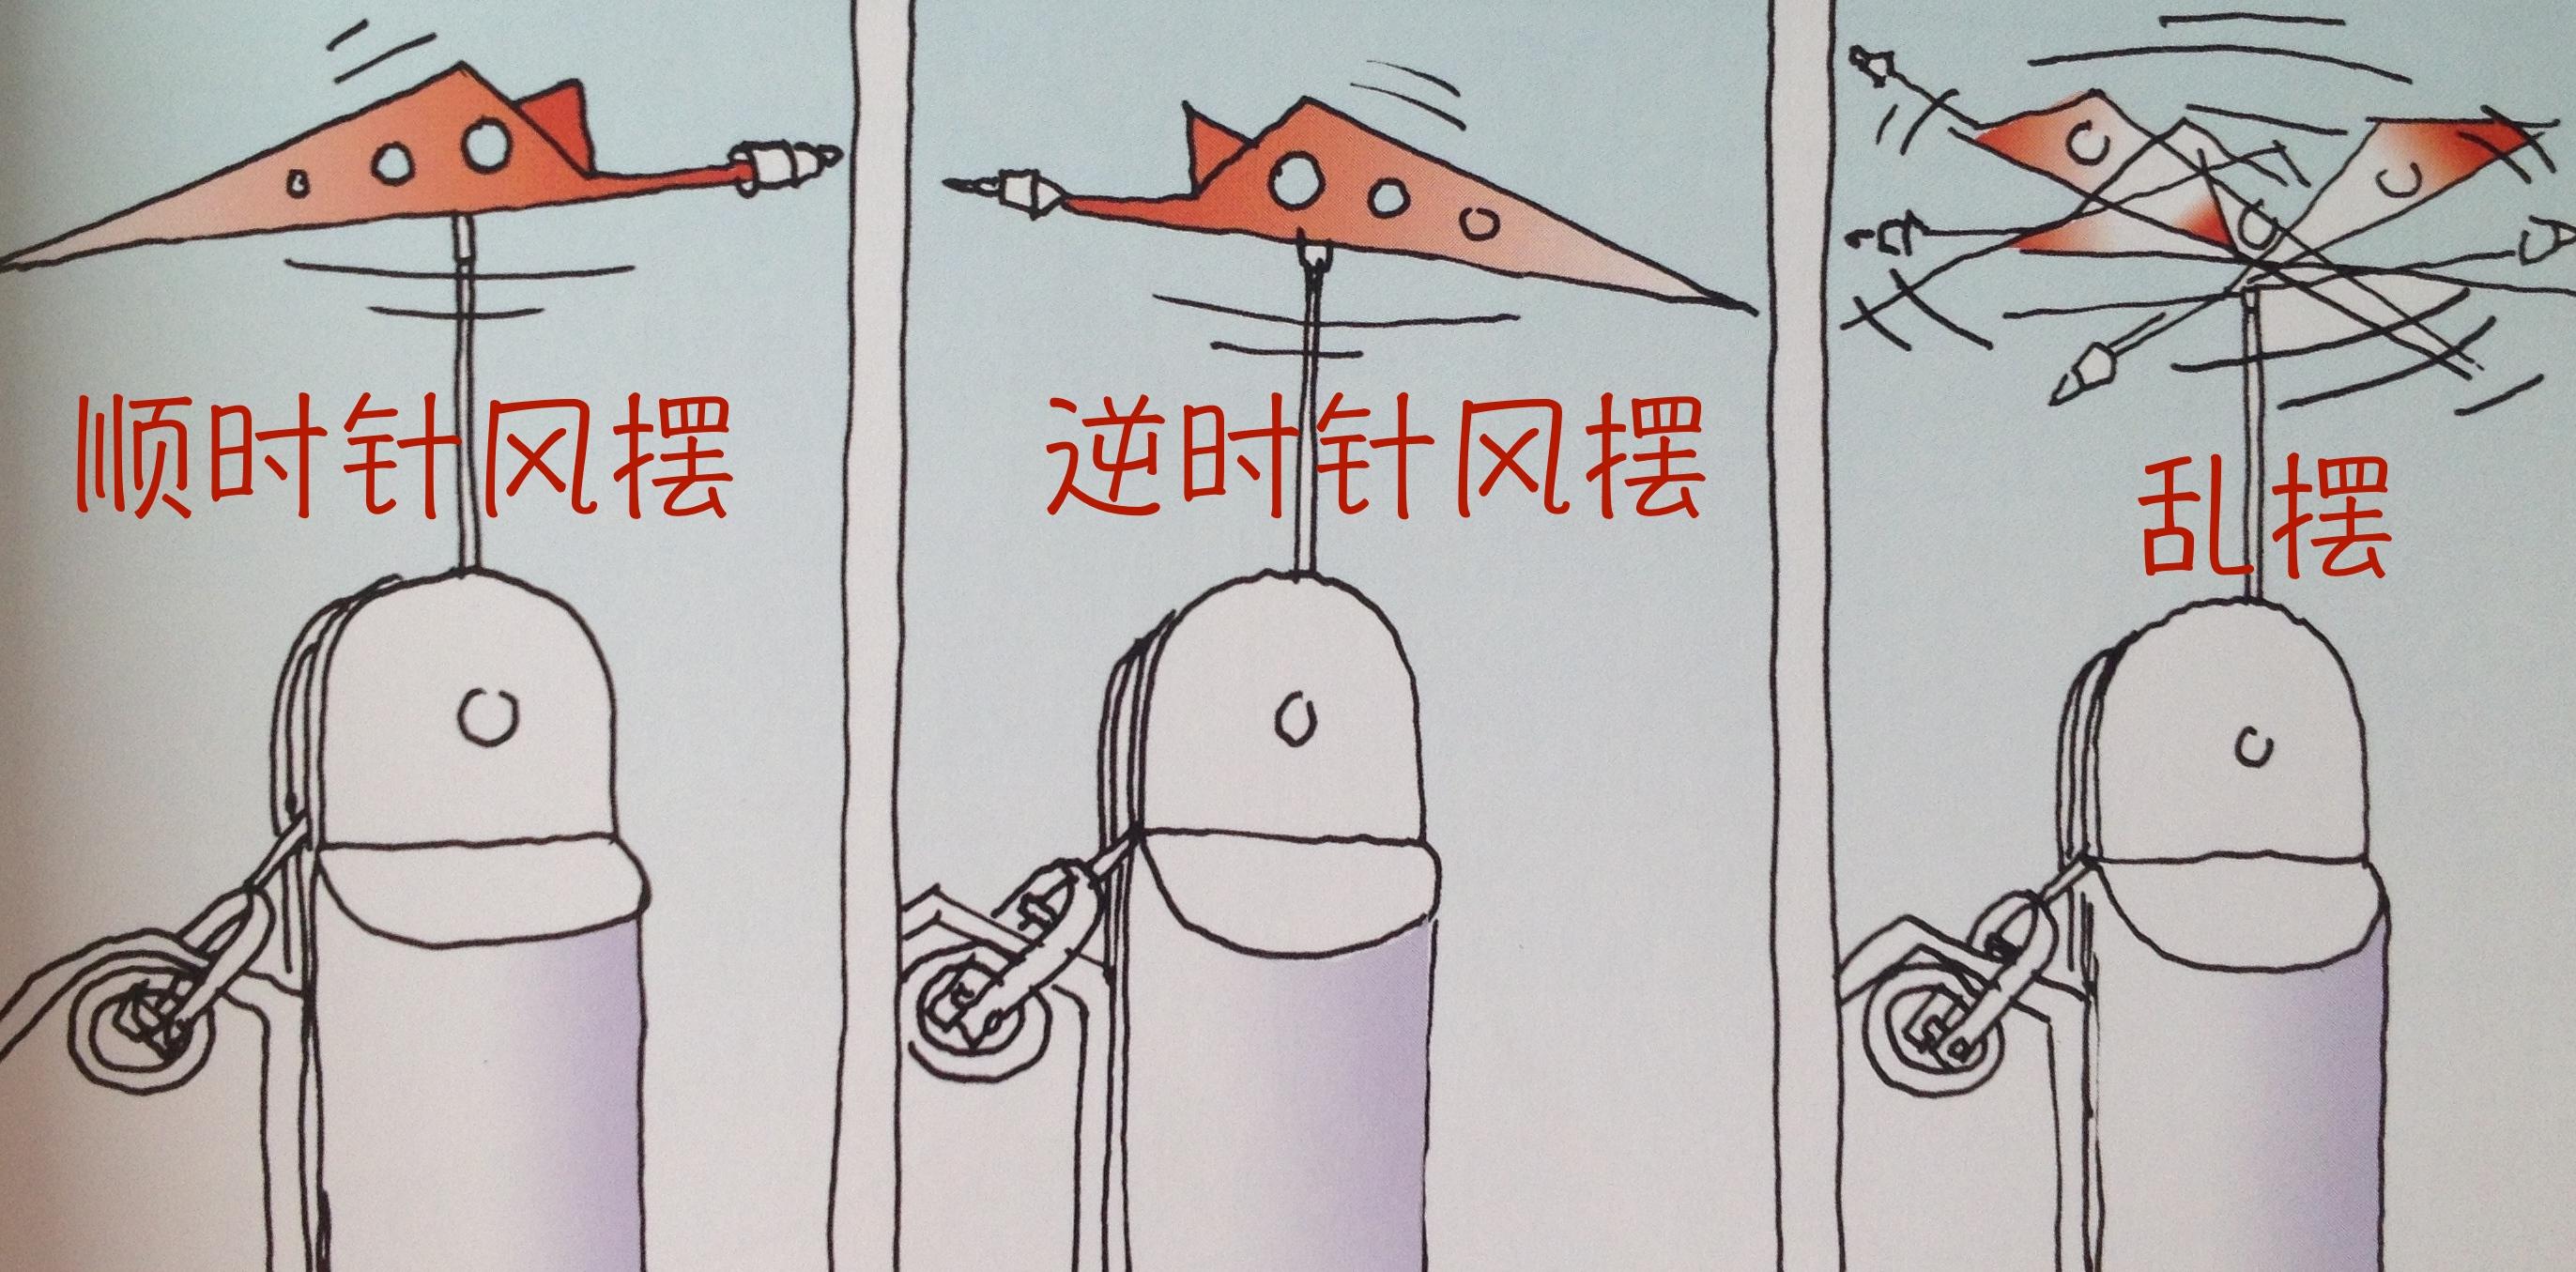 动向,评估,上风 在桅杆顶上装一个风标,可以帮我们辨别风向. 84风摆.jpg